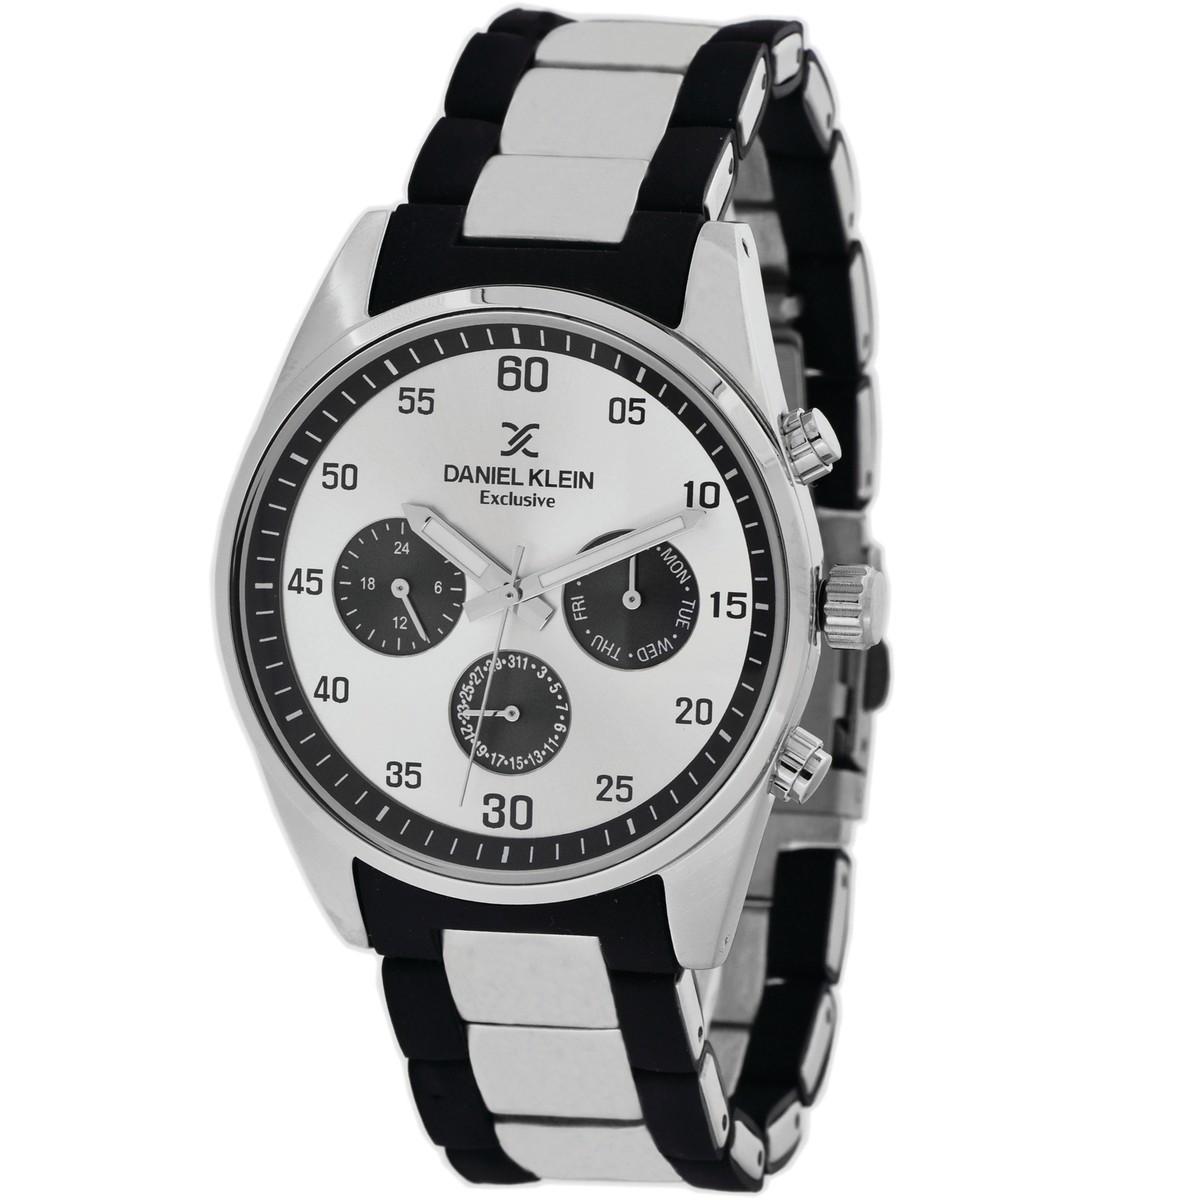 7c8b29c4 Часы Daniel Klein DK11345-1 Черный с белым, КОД: 115654, цена 1 558,99  грн., купить в Киеве — Prom.ua (ID#849696816)